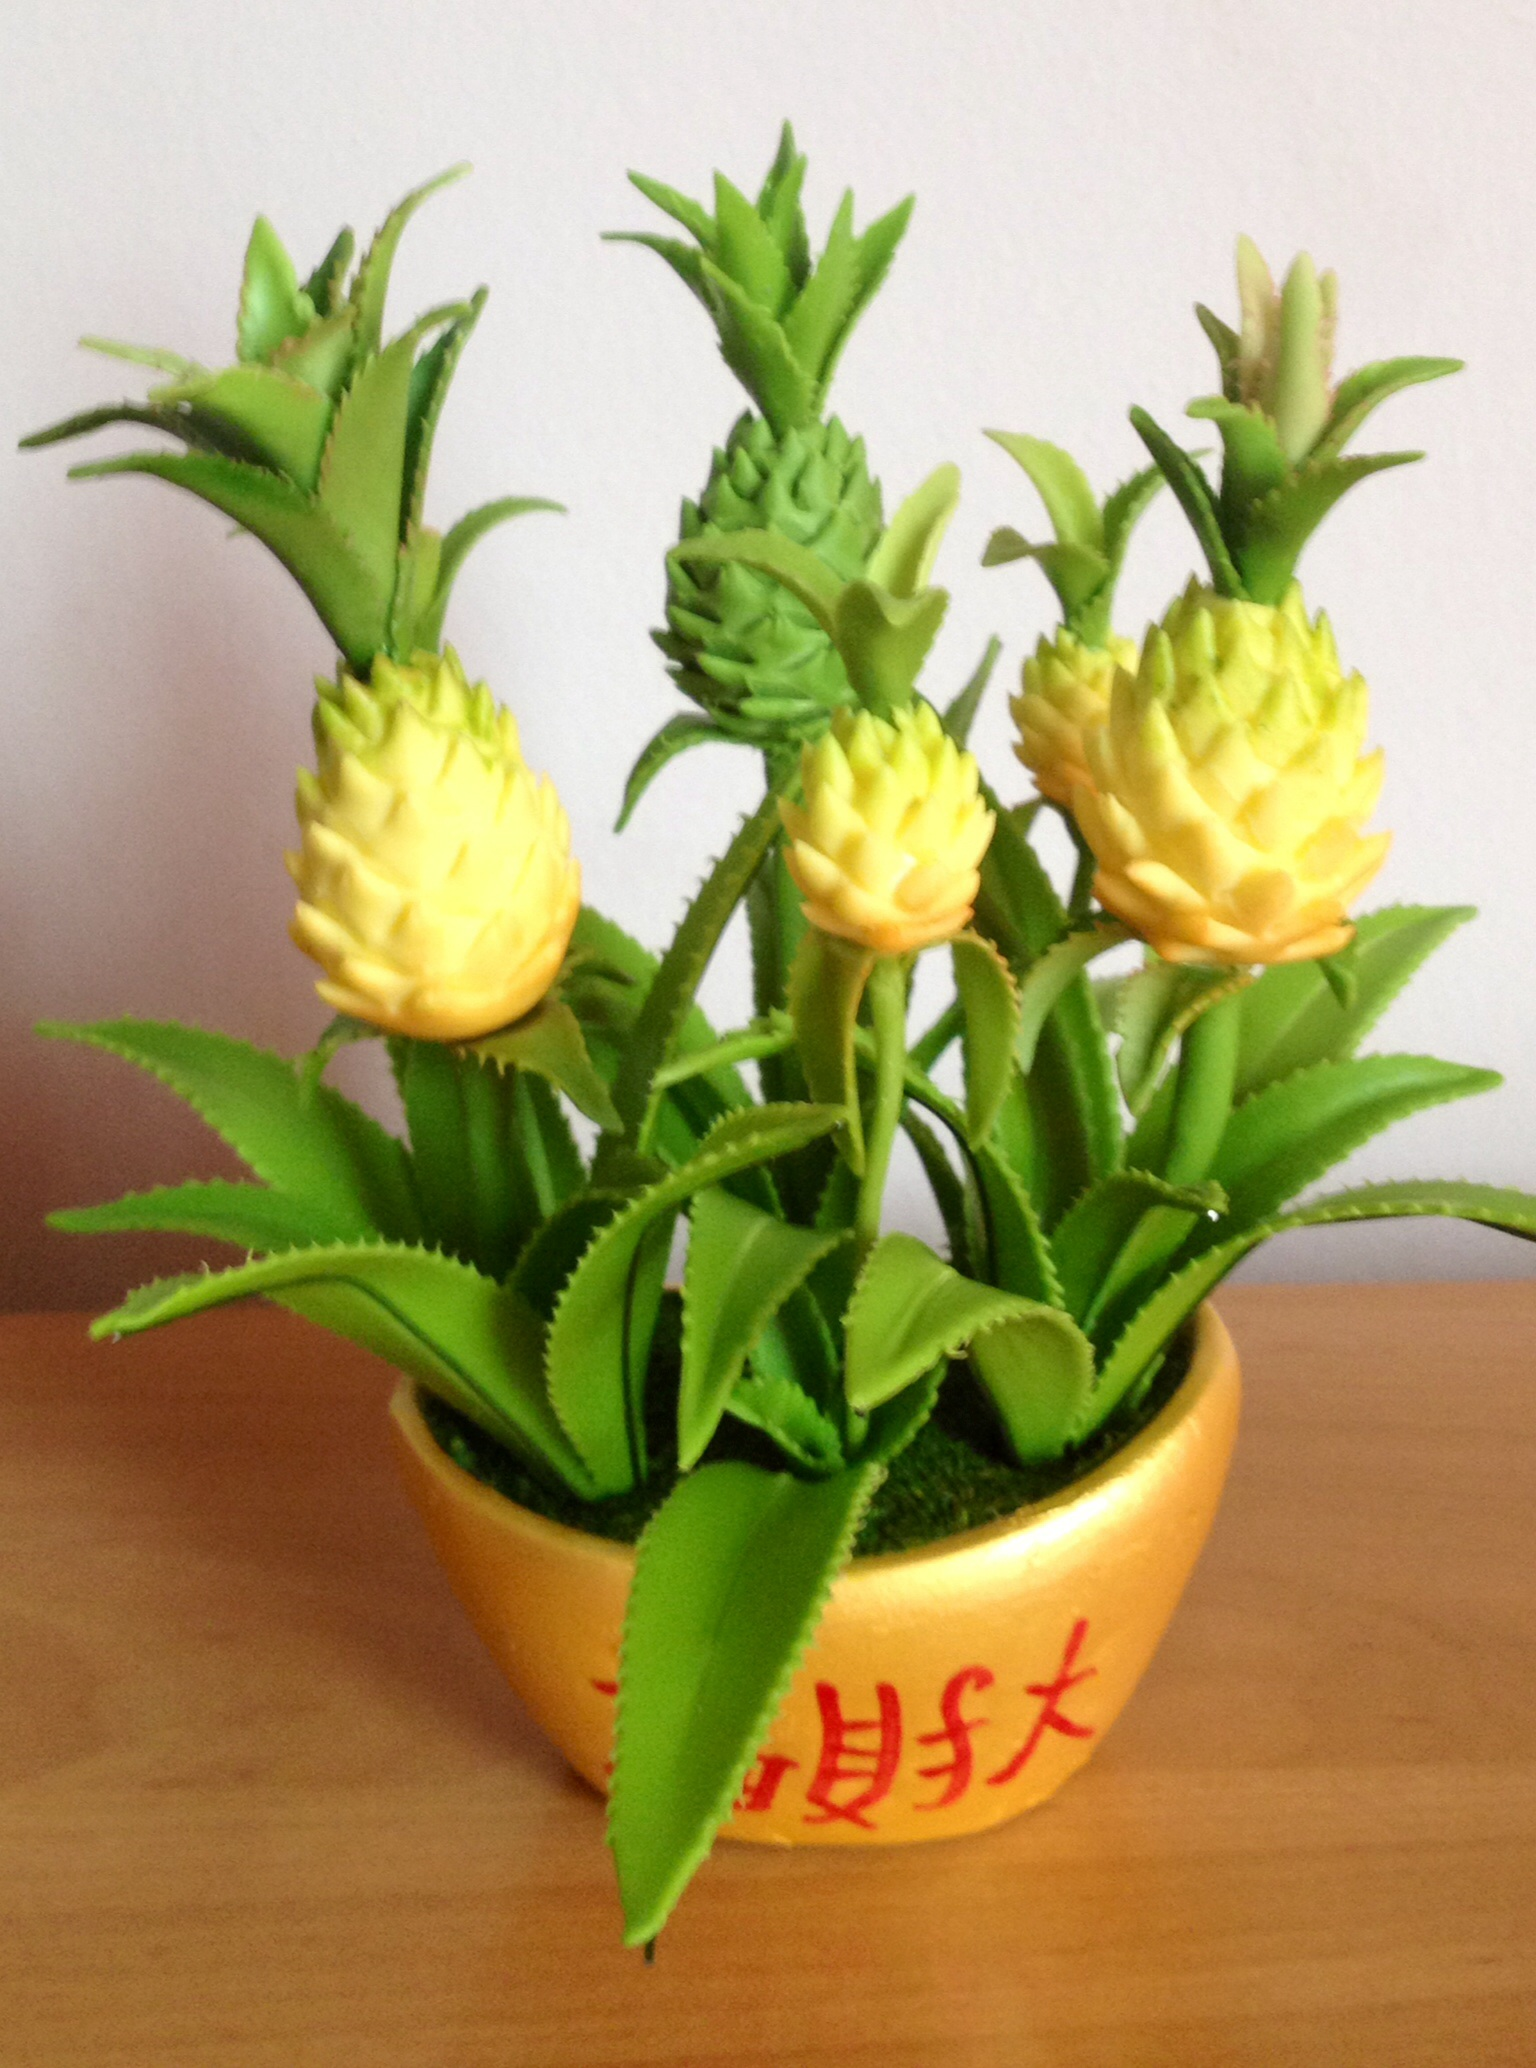 สับปะรด-004